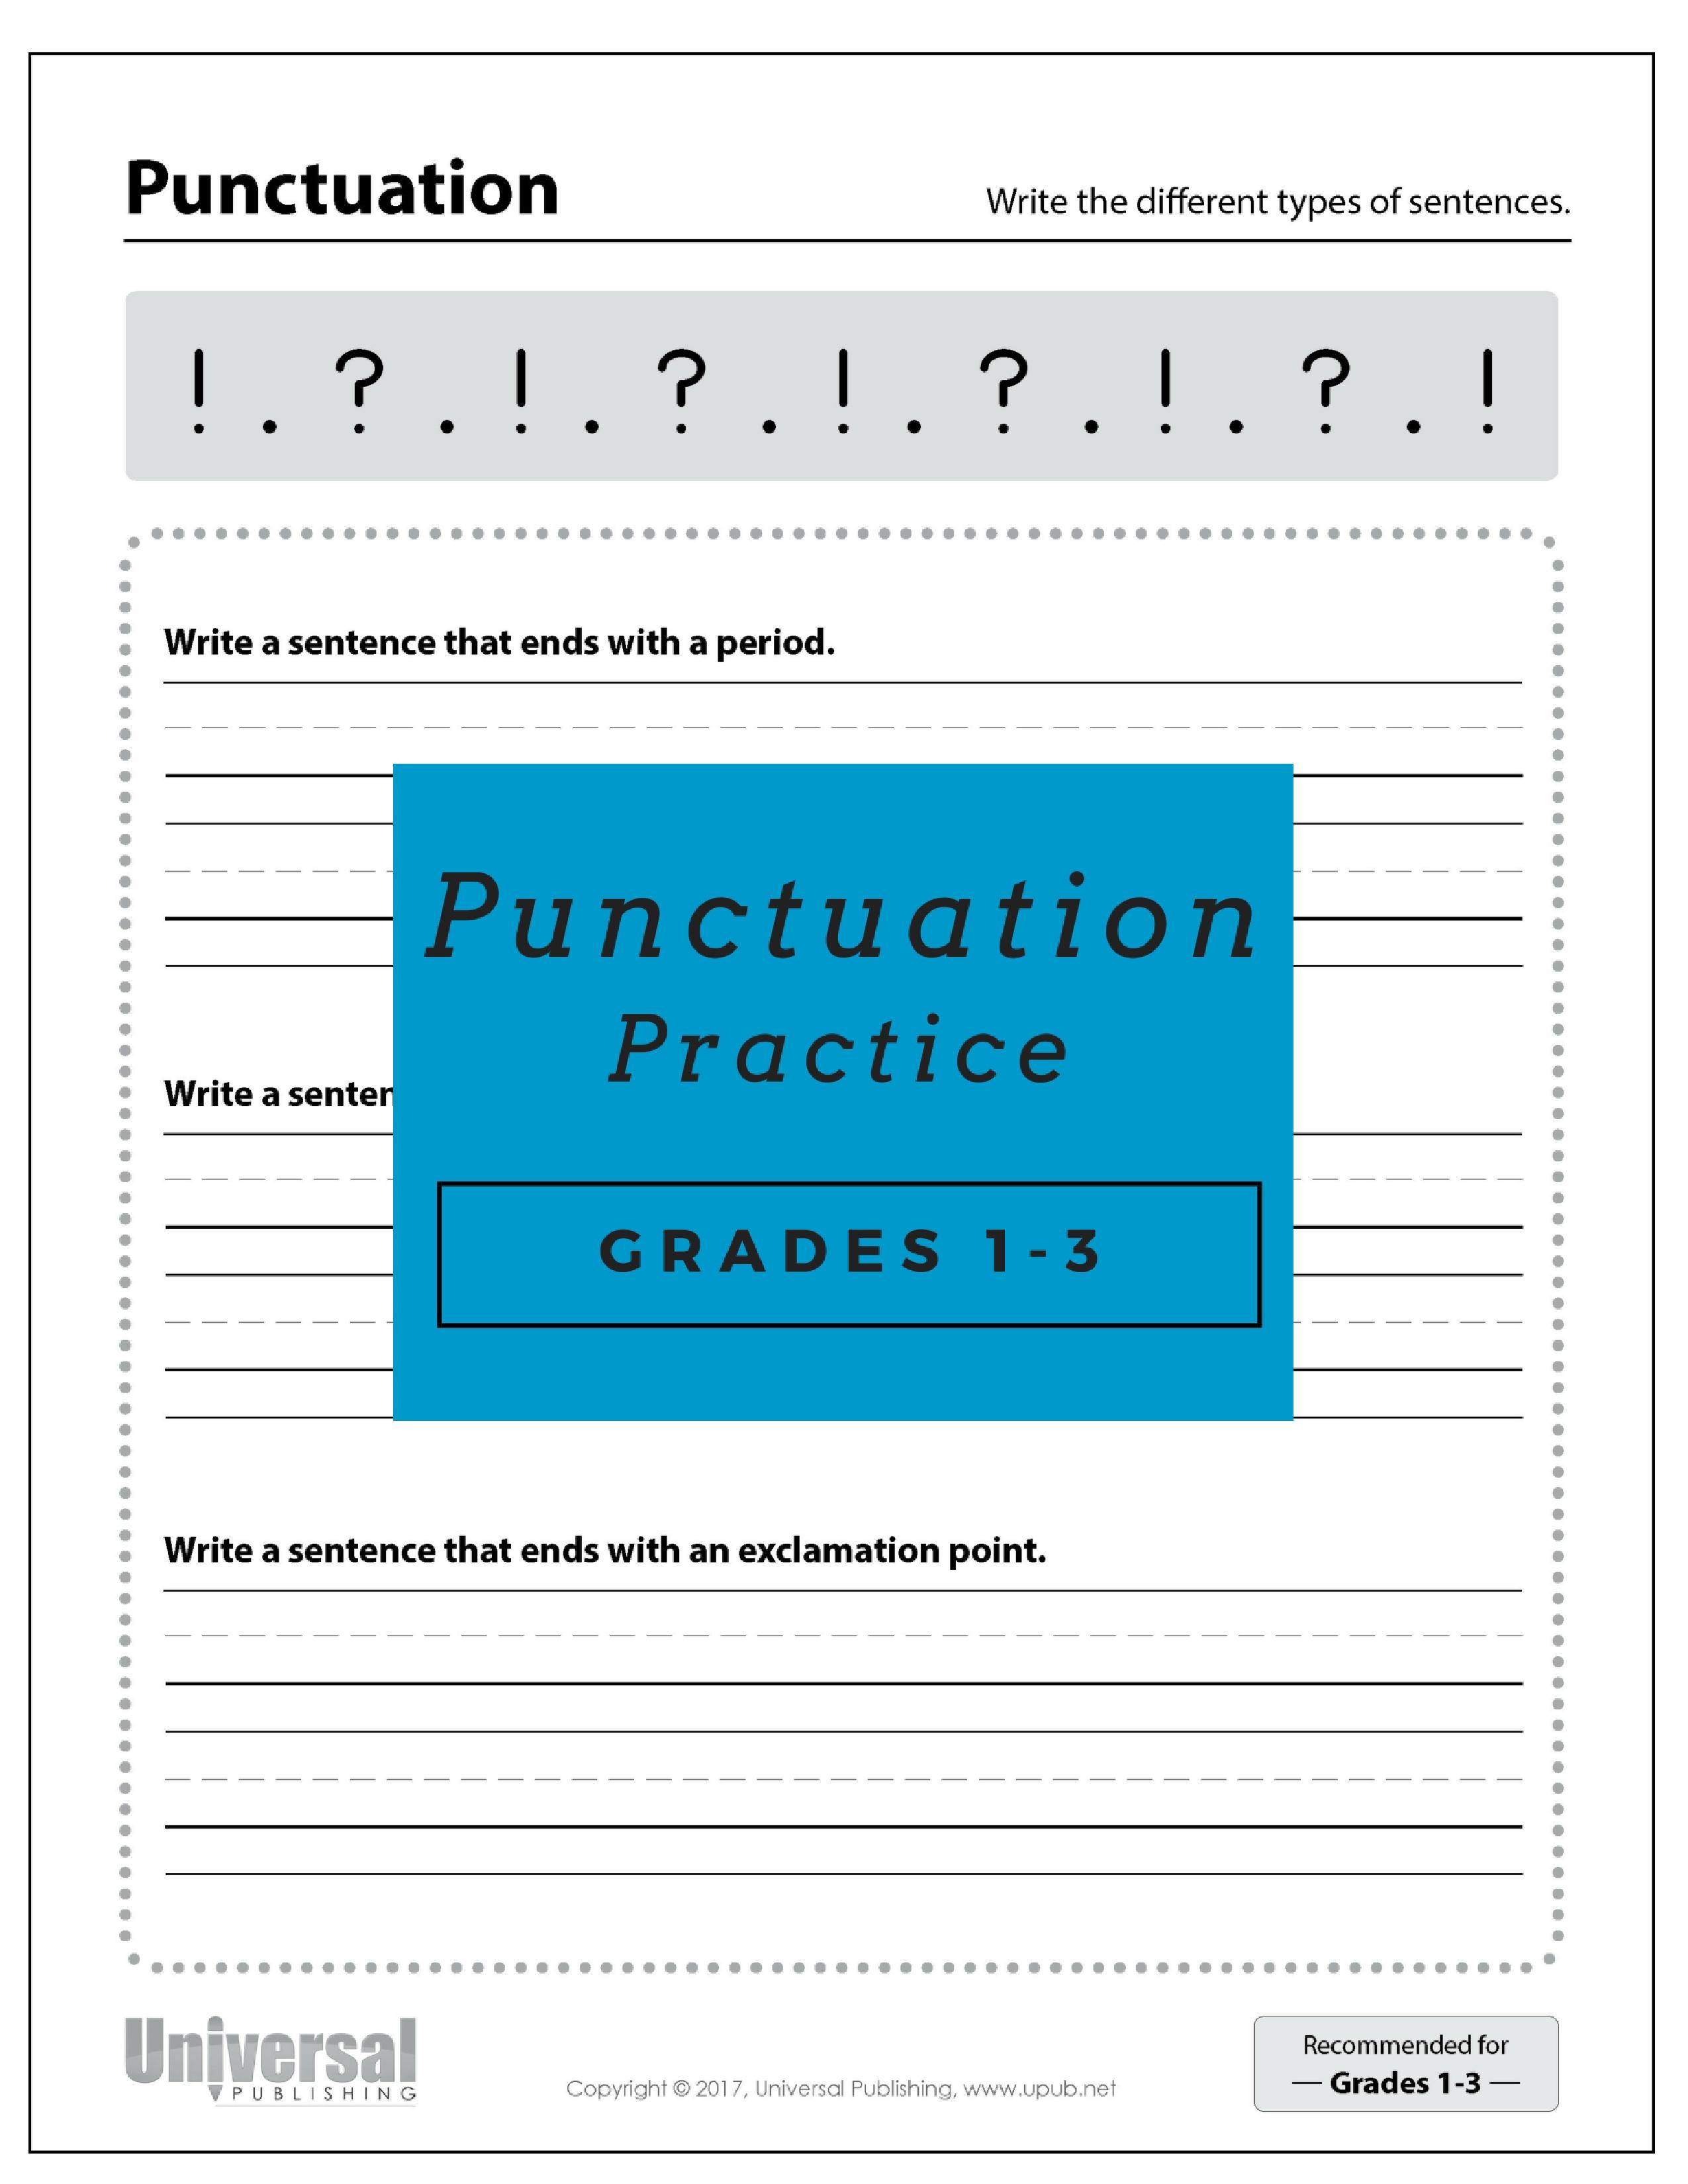 Free Worksheets - Free Printable Versatiles Worksheets